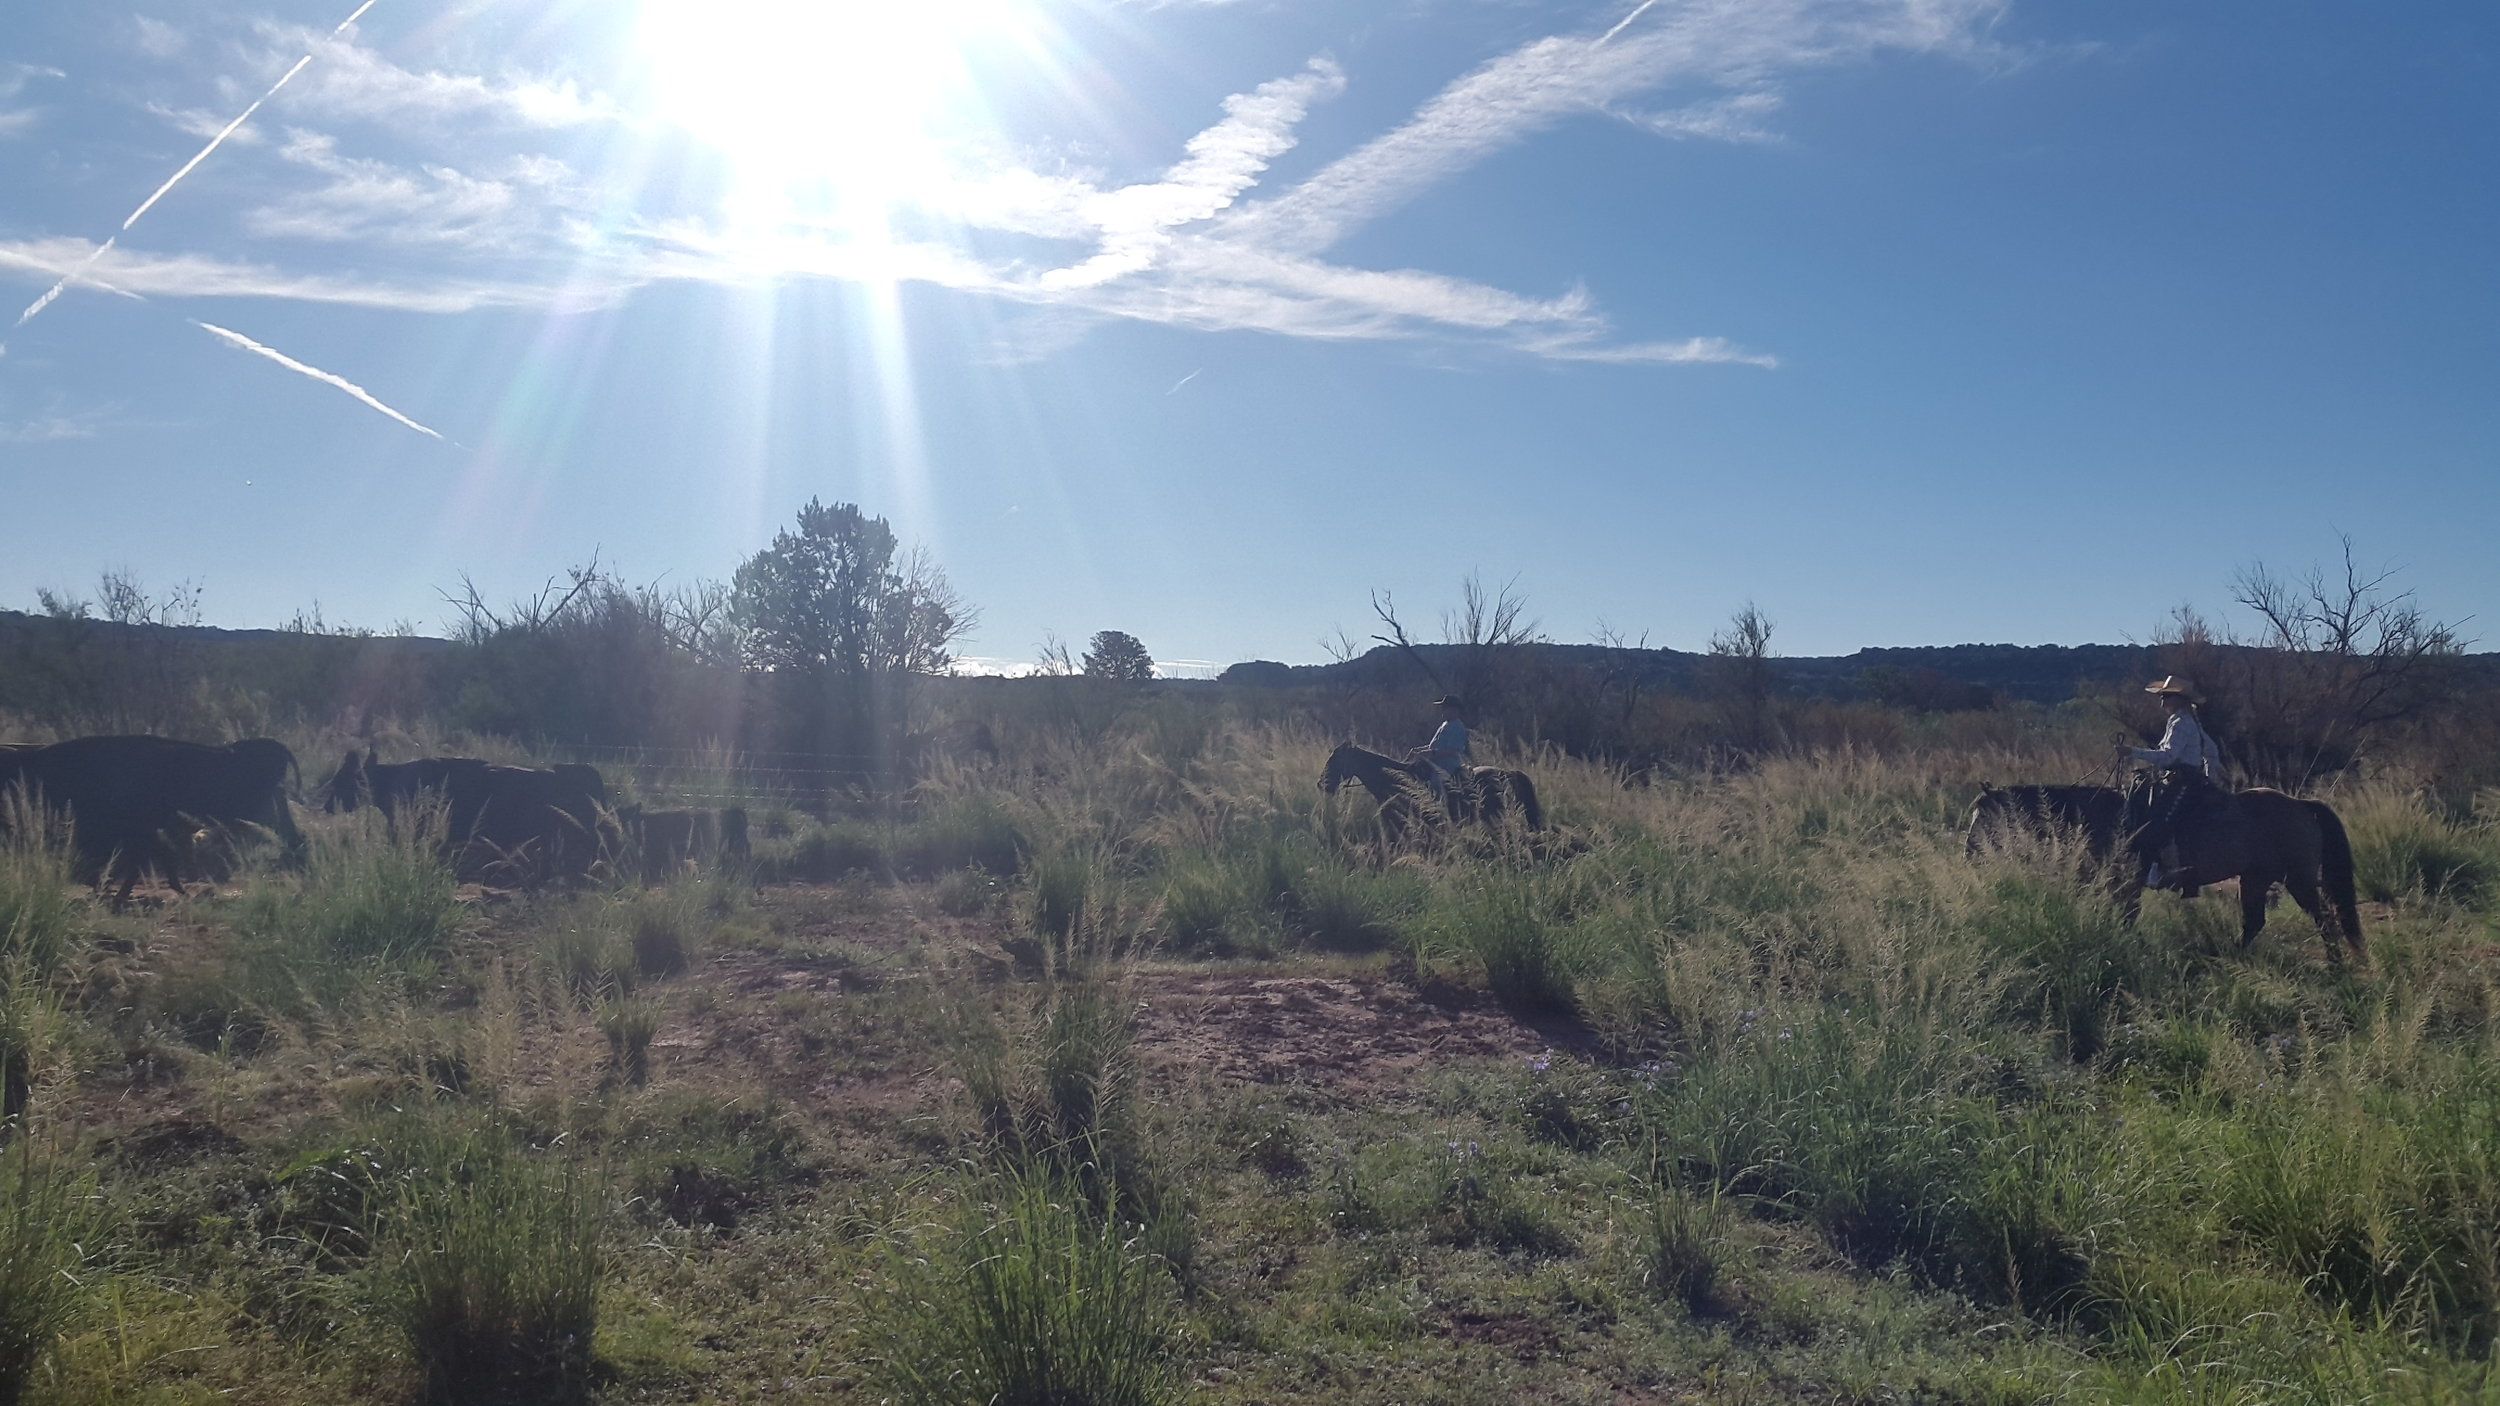 It was a beautiful day! Stu (left on Ricky) and I (right on King) are driving the herd.  Es war ein wunderschöner Tag! Stu (links auf Ricky) und ich (rechts auf King) treiben die Herde an.